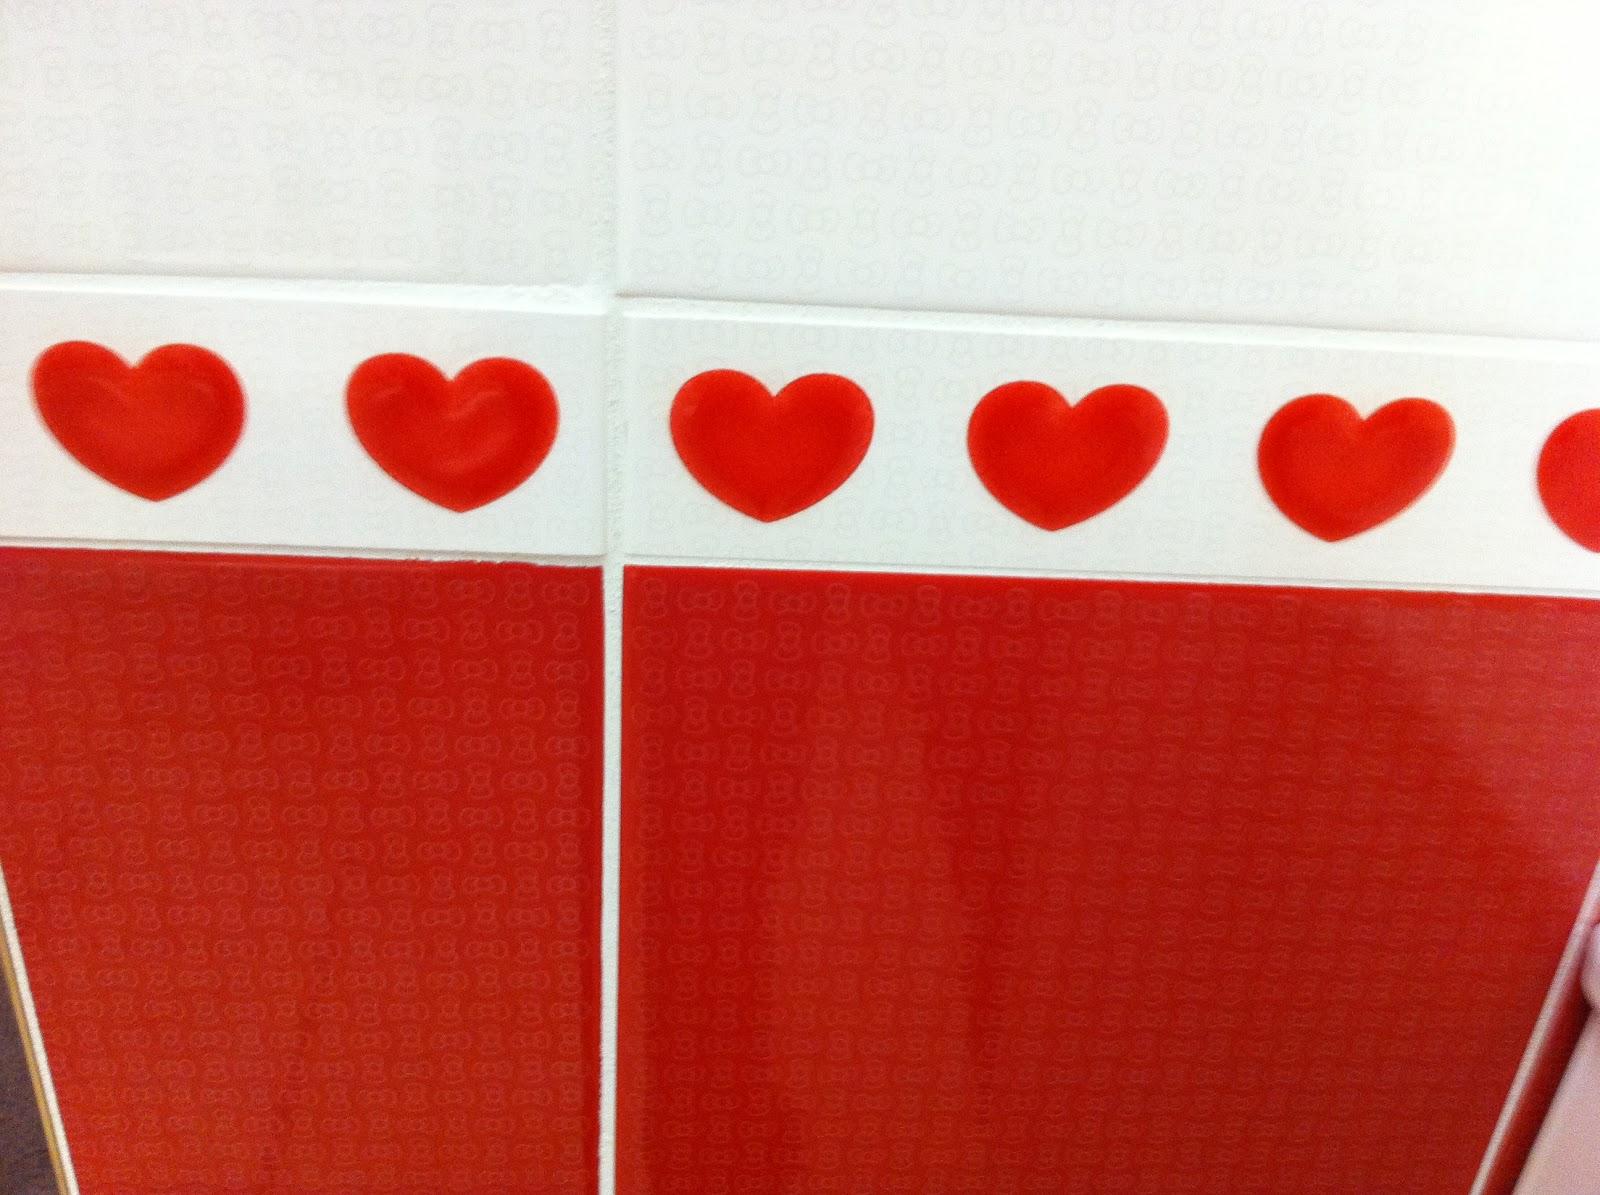 Lastest Tile Bathrooms Bathrooms Decor Bathroom Ideas Bathroom Spa Hello Kitty